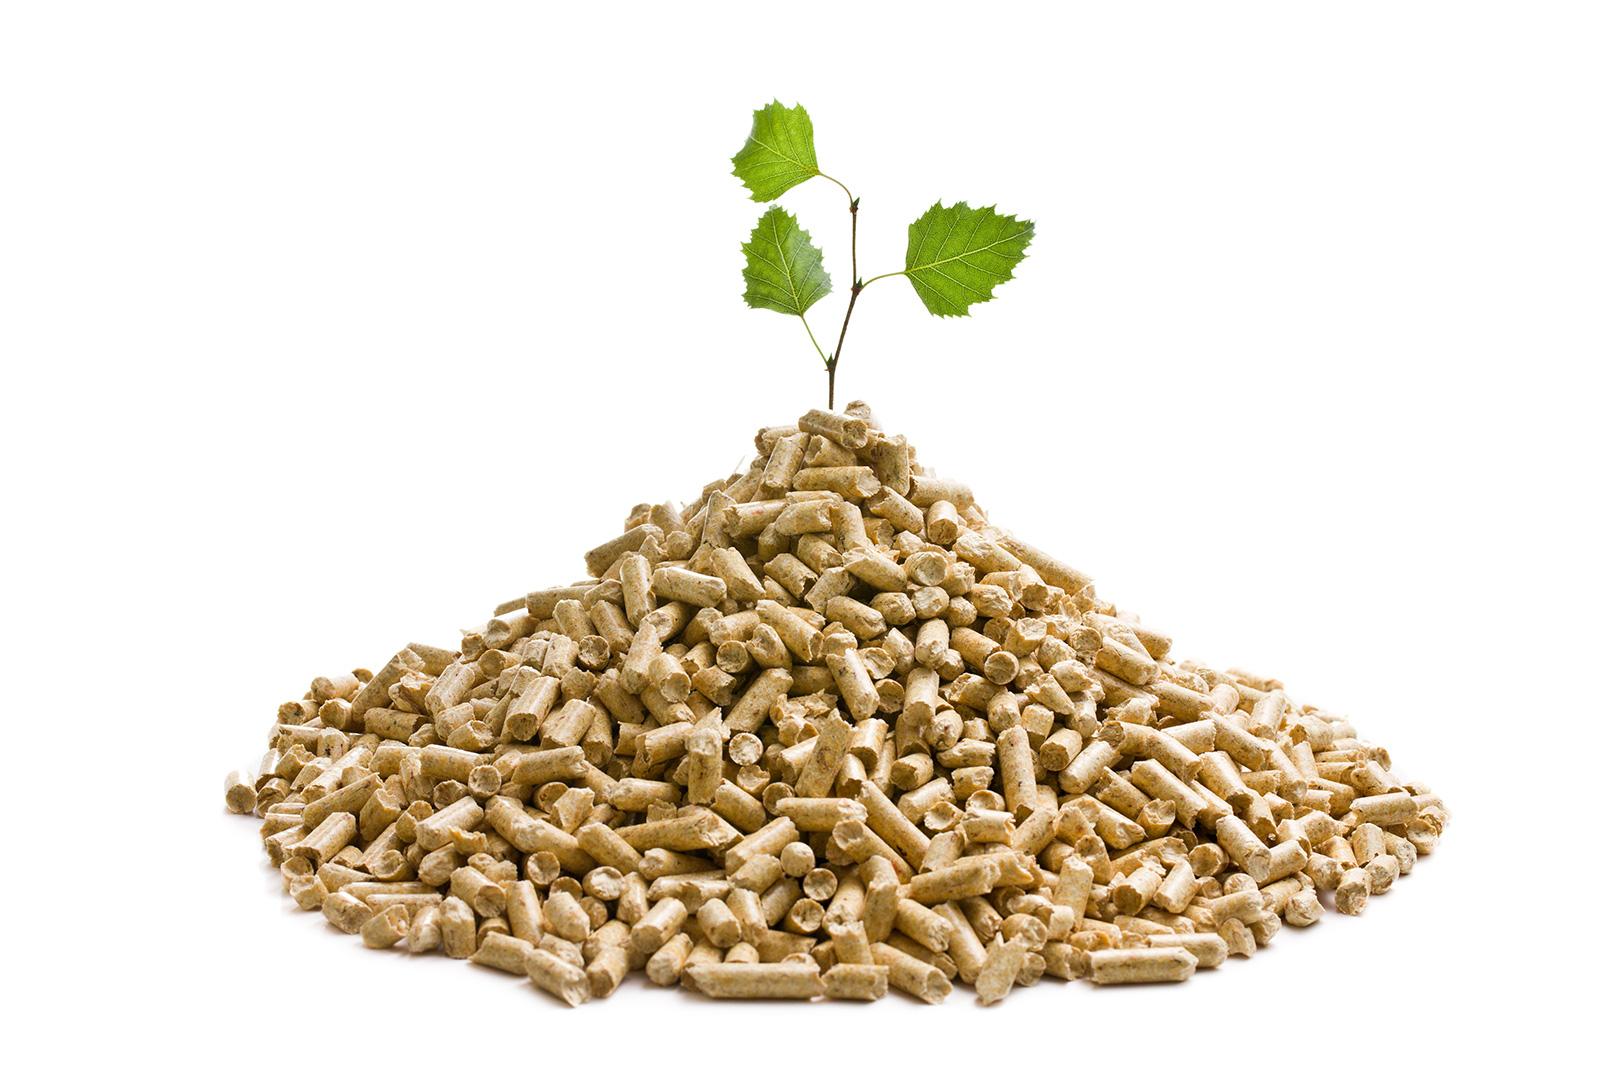 ekologiczny-pellet-biopaliwo